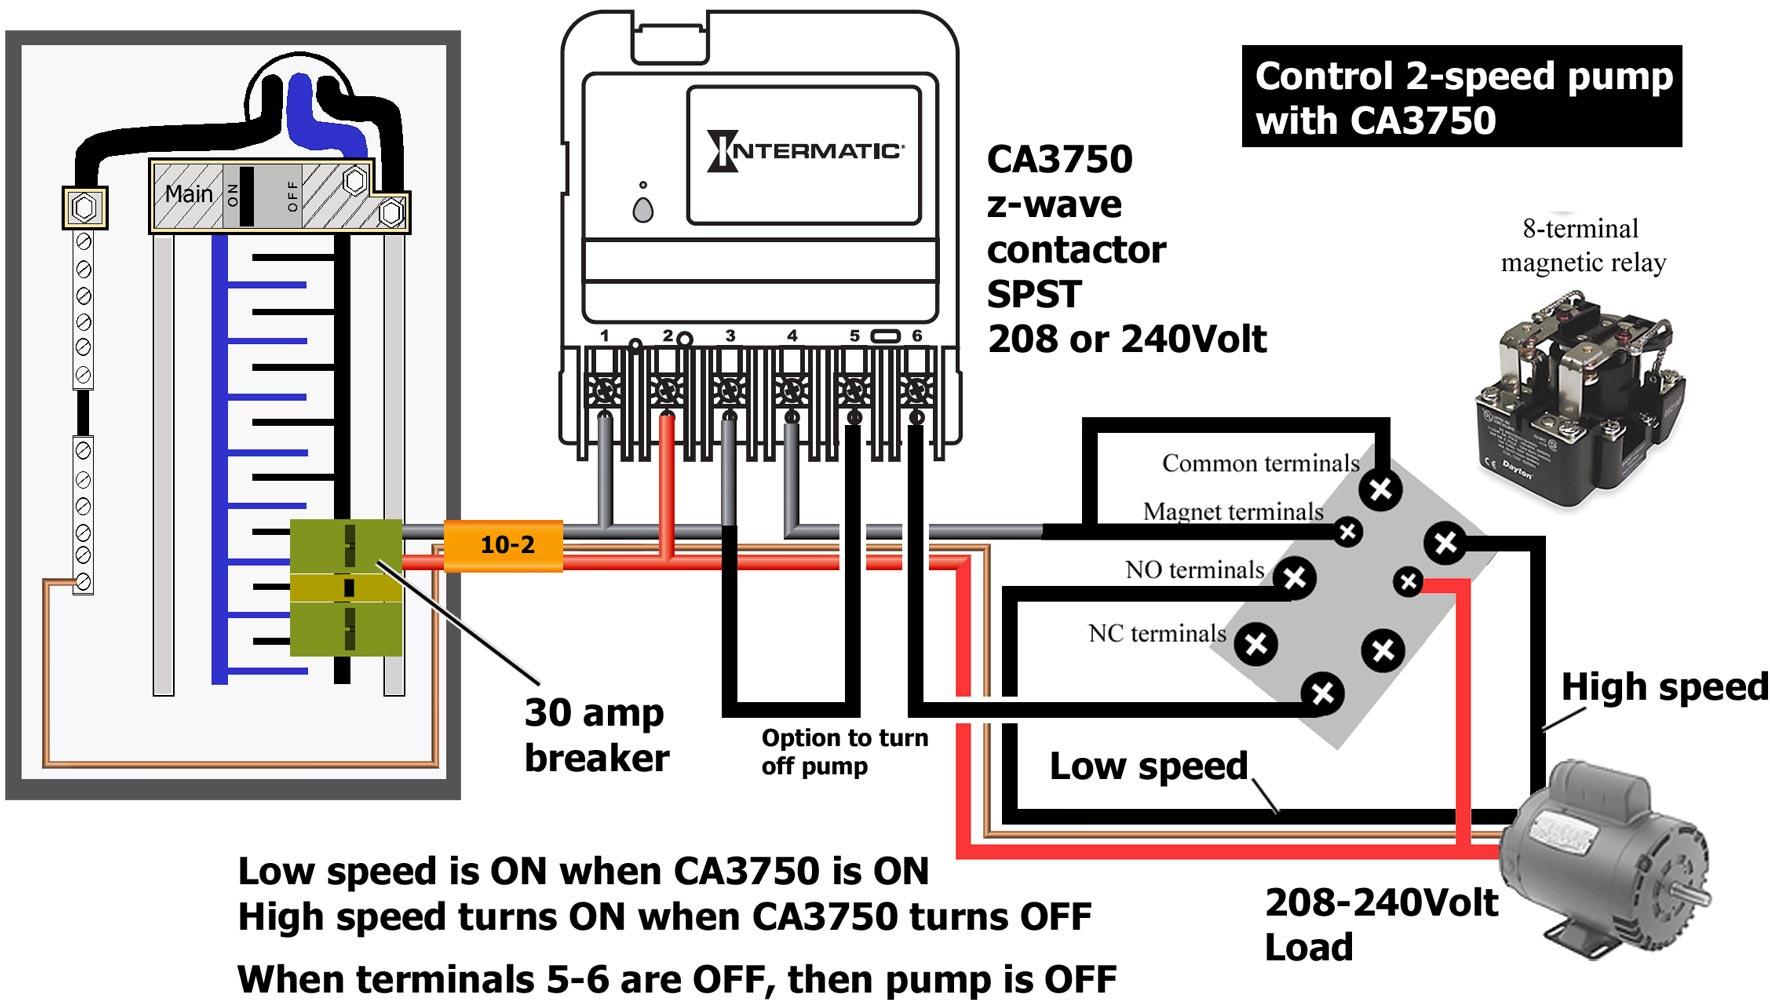 Lighting Control Panel Wiring Diagram | Wiring Library - Circuit Breaker Panel Wiring Diagram Pdf